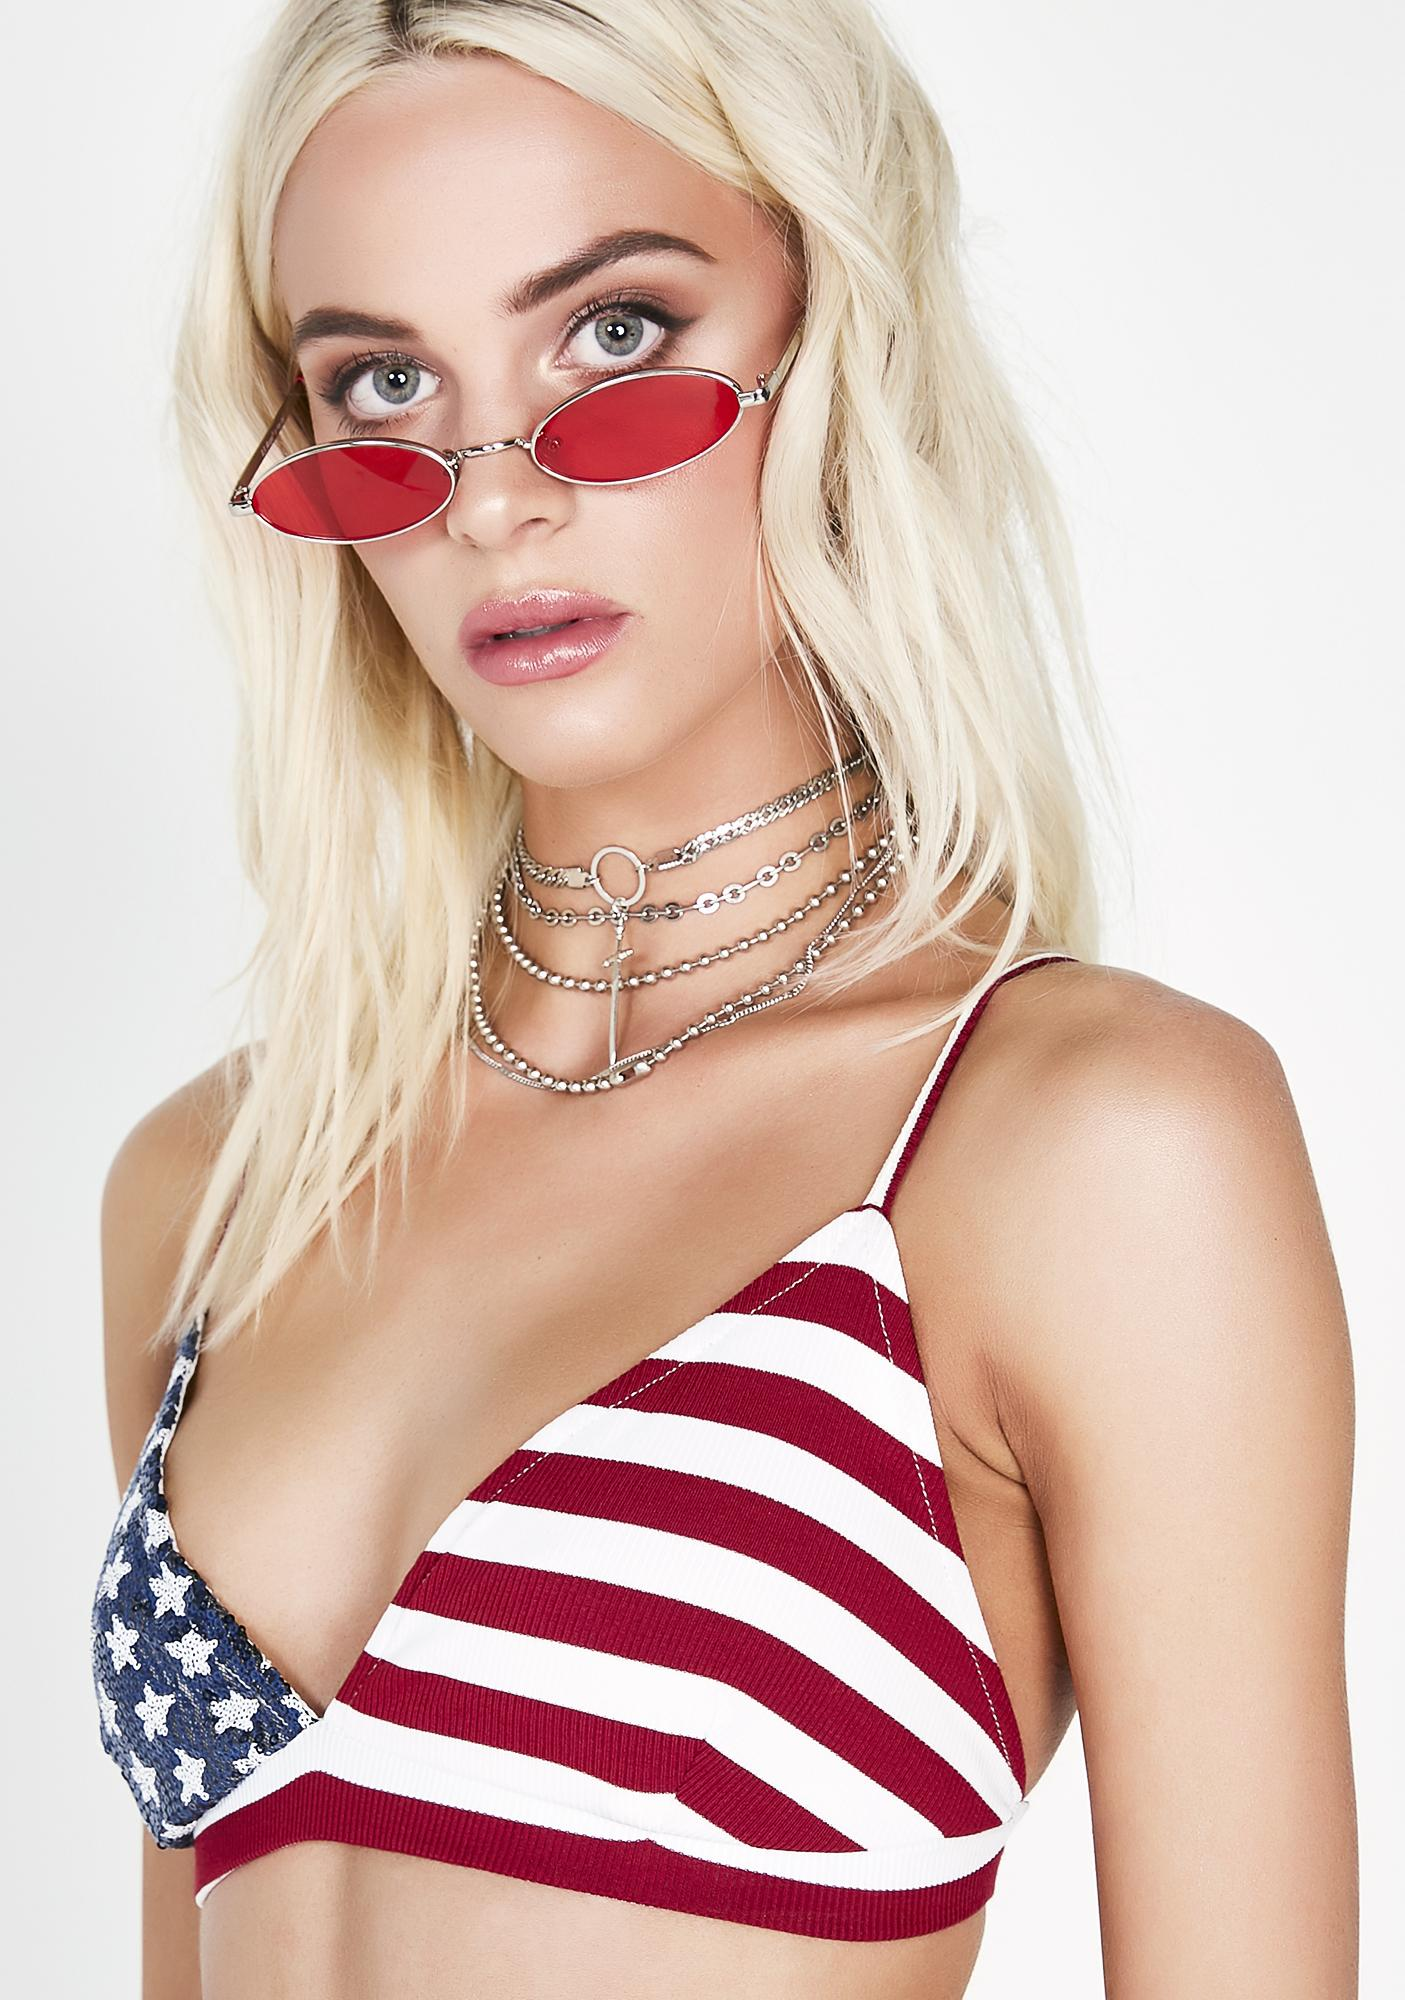 Mz America Bra Top